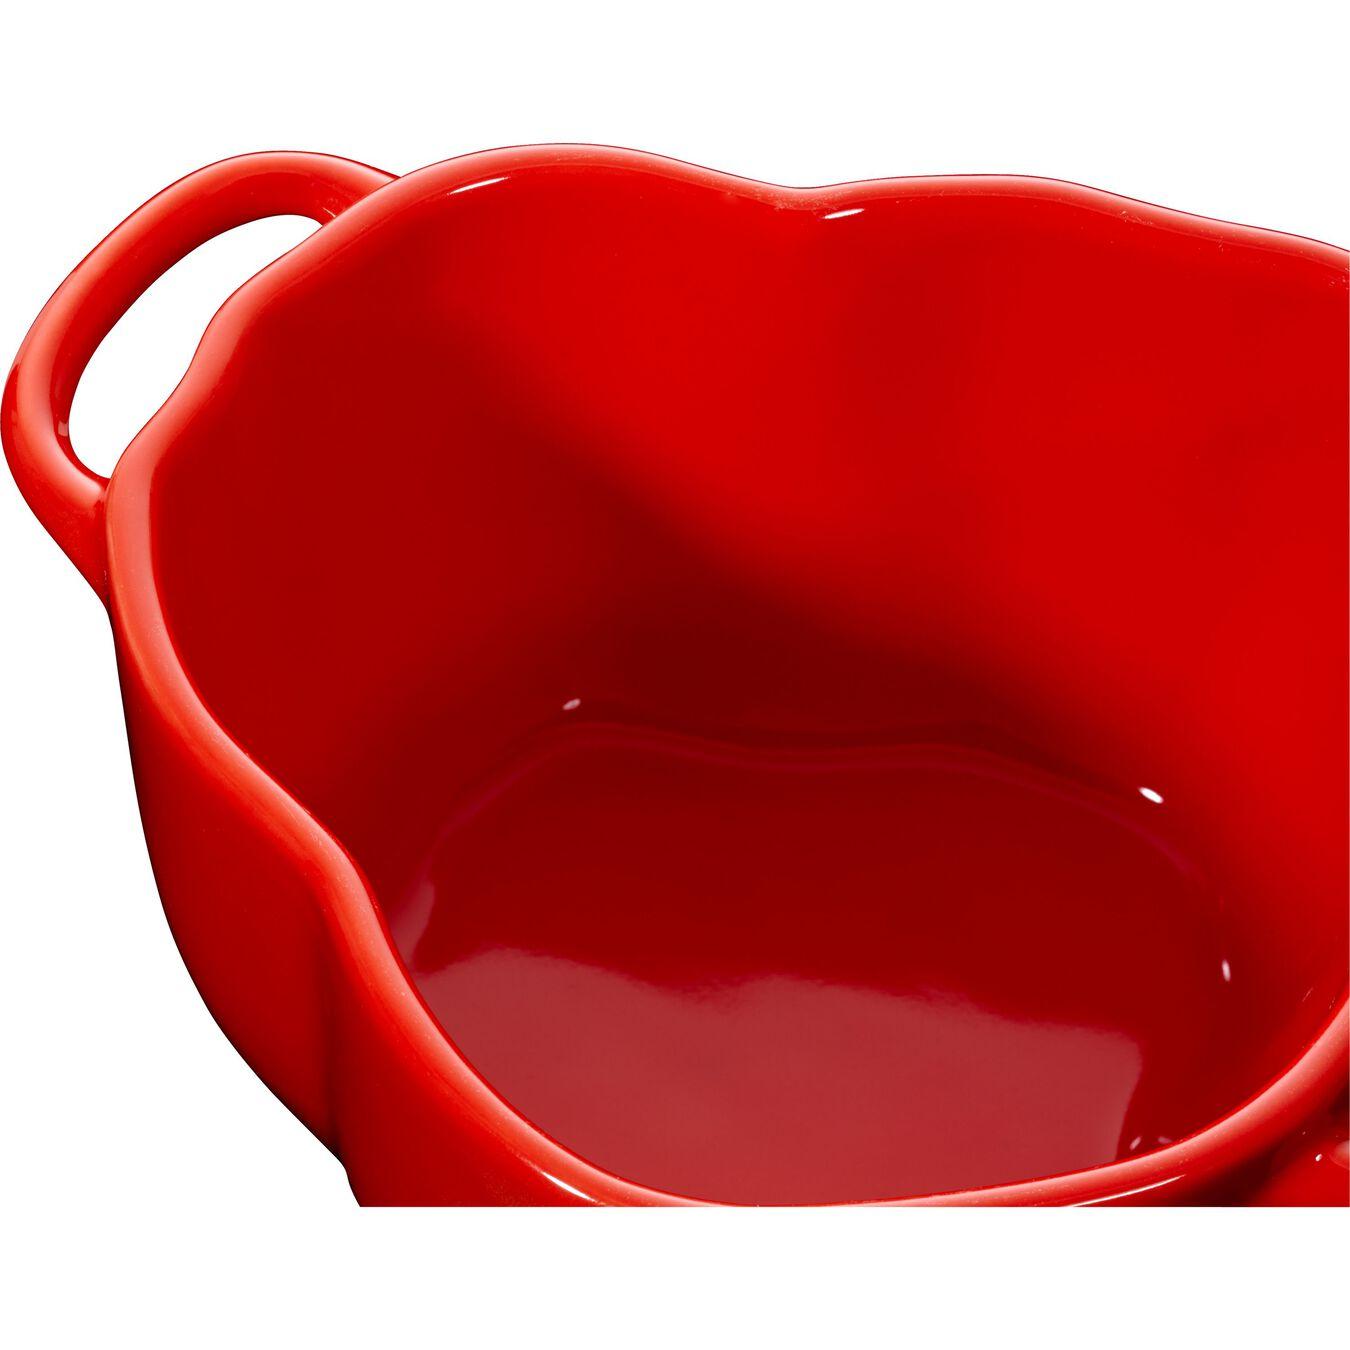 Cocotte 12 cm, Poivron, Orange et rouge, Céramique,,large 4